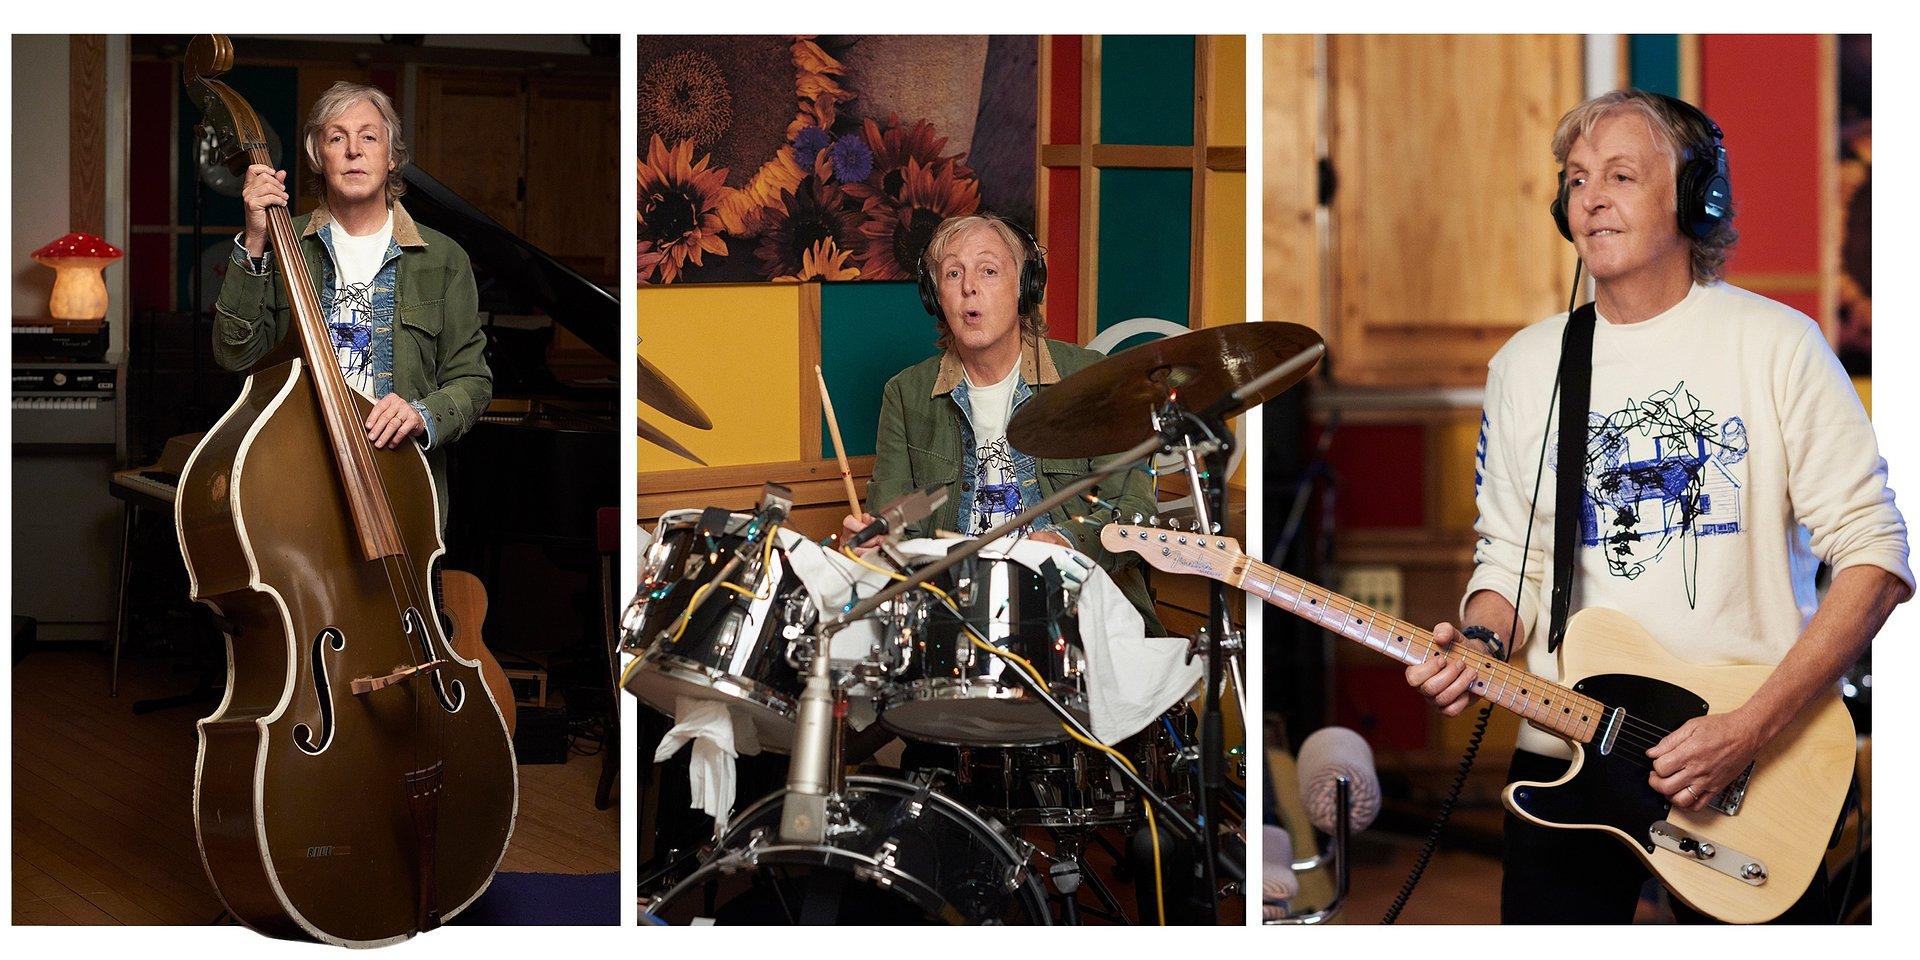 Paul McCartney ogłasza premierę nowego albumu